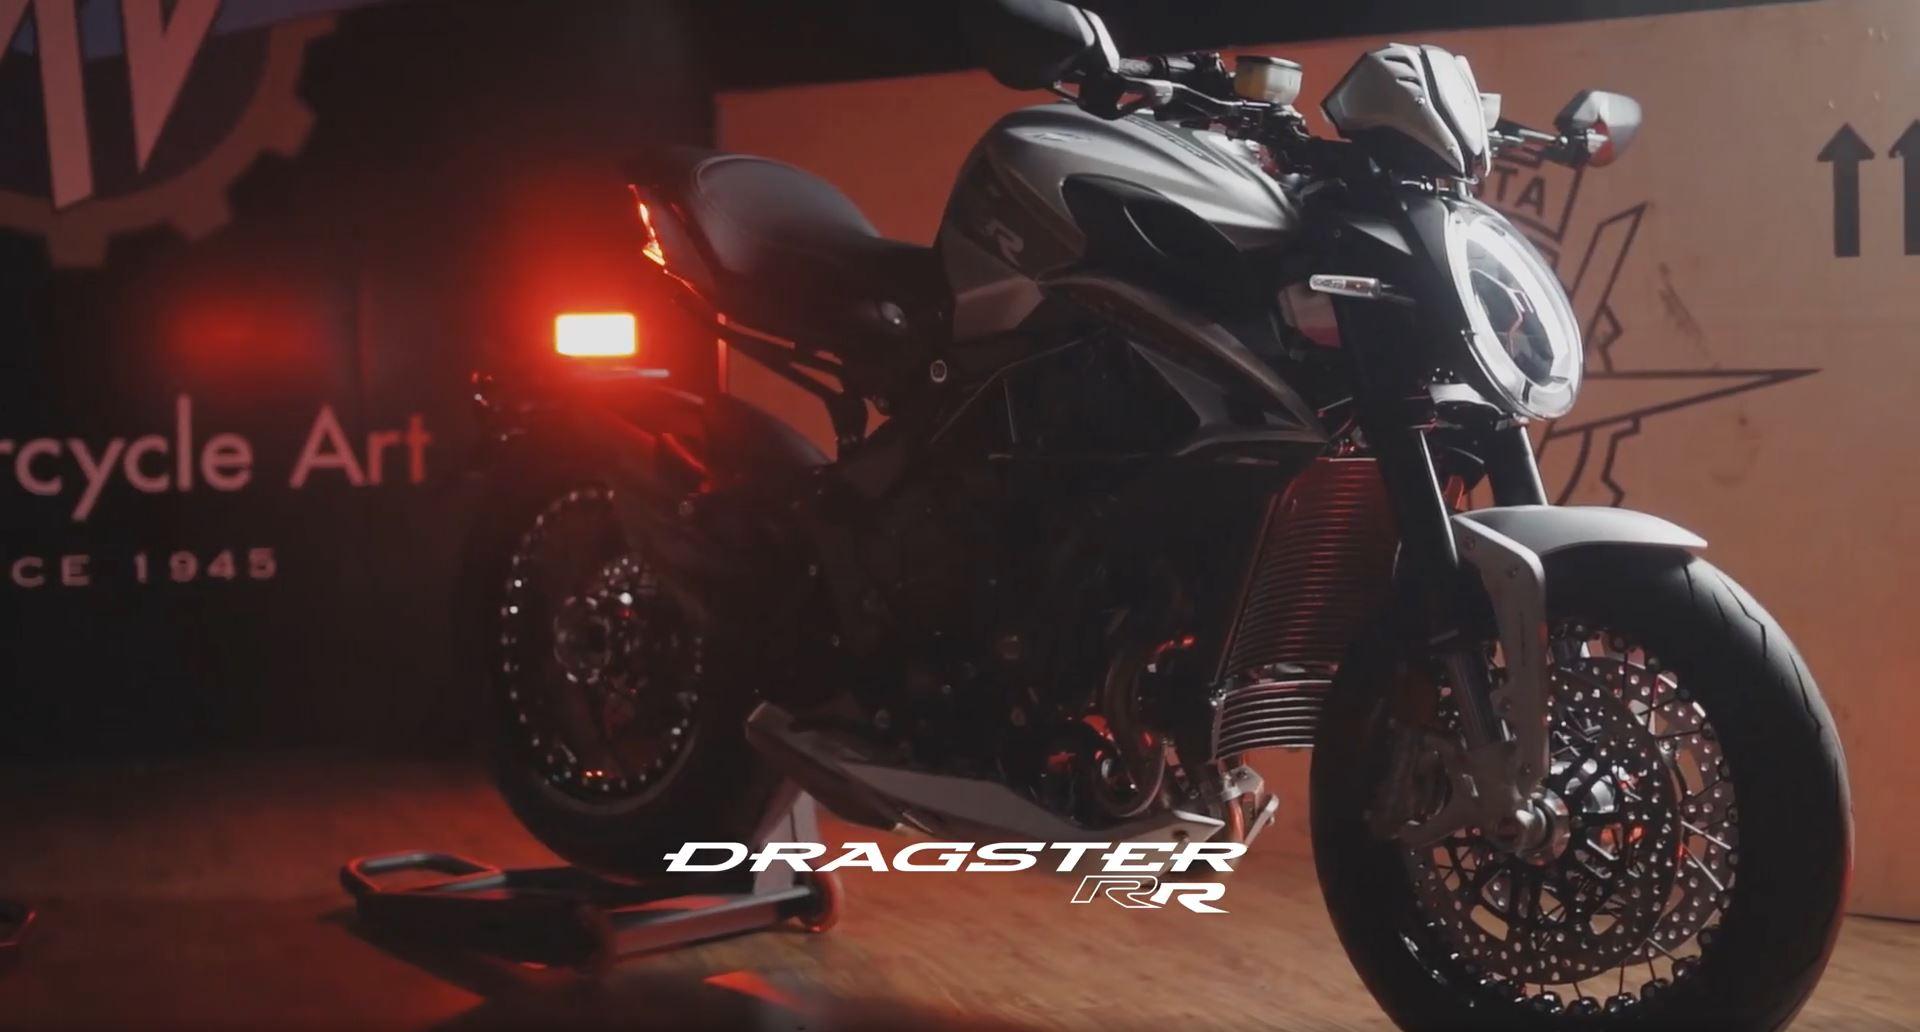 2021 MV Agusta Dragster 800 RR naked bike